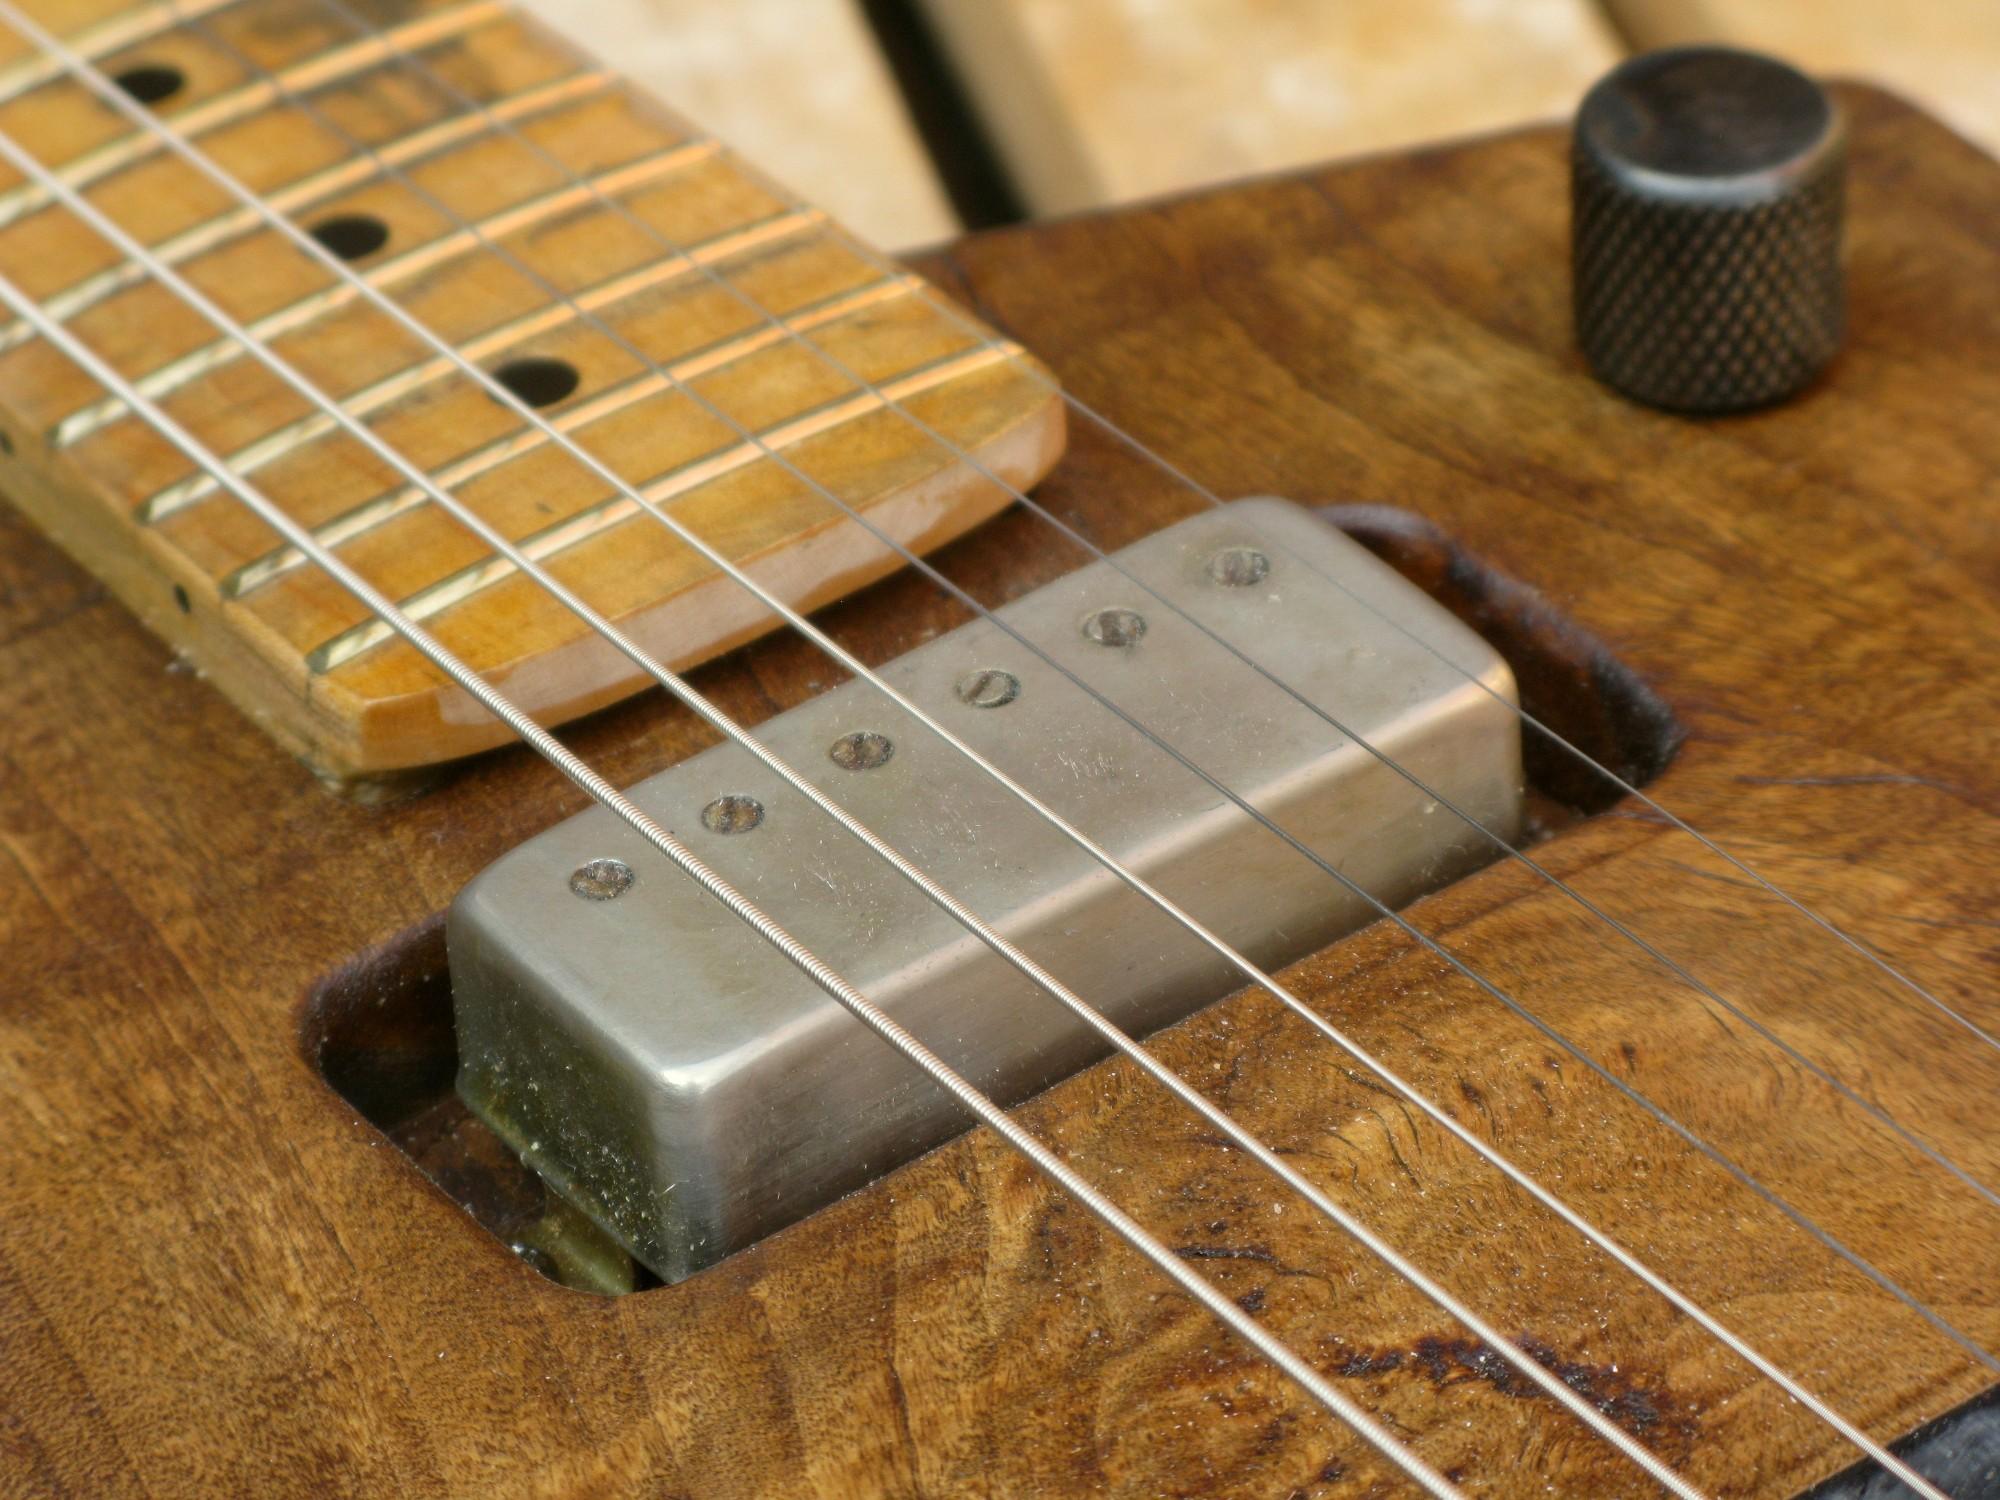 Pickup al manico di una chitarra elettrica in pioppo